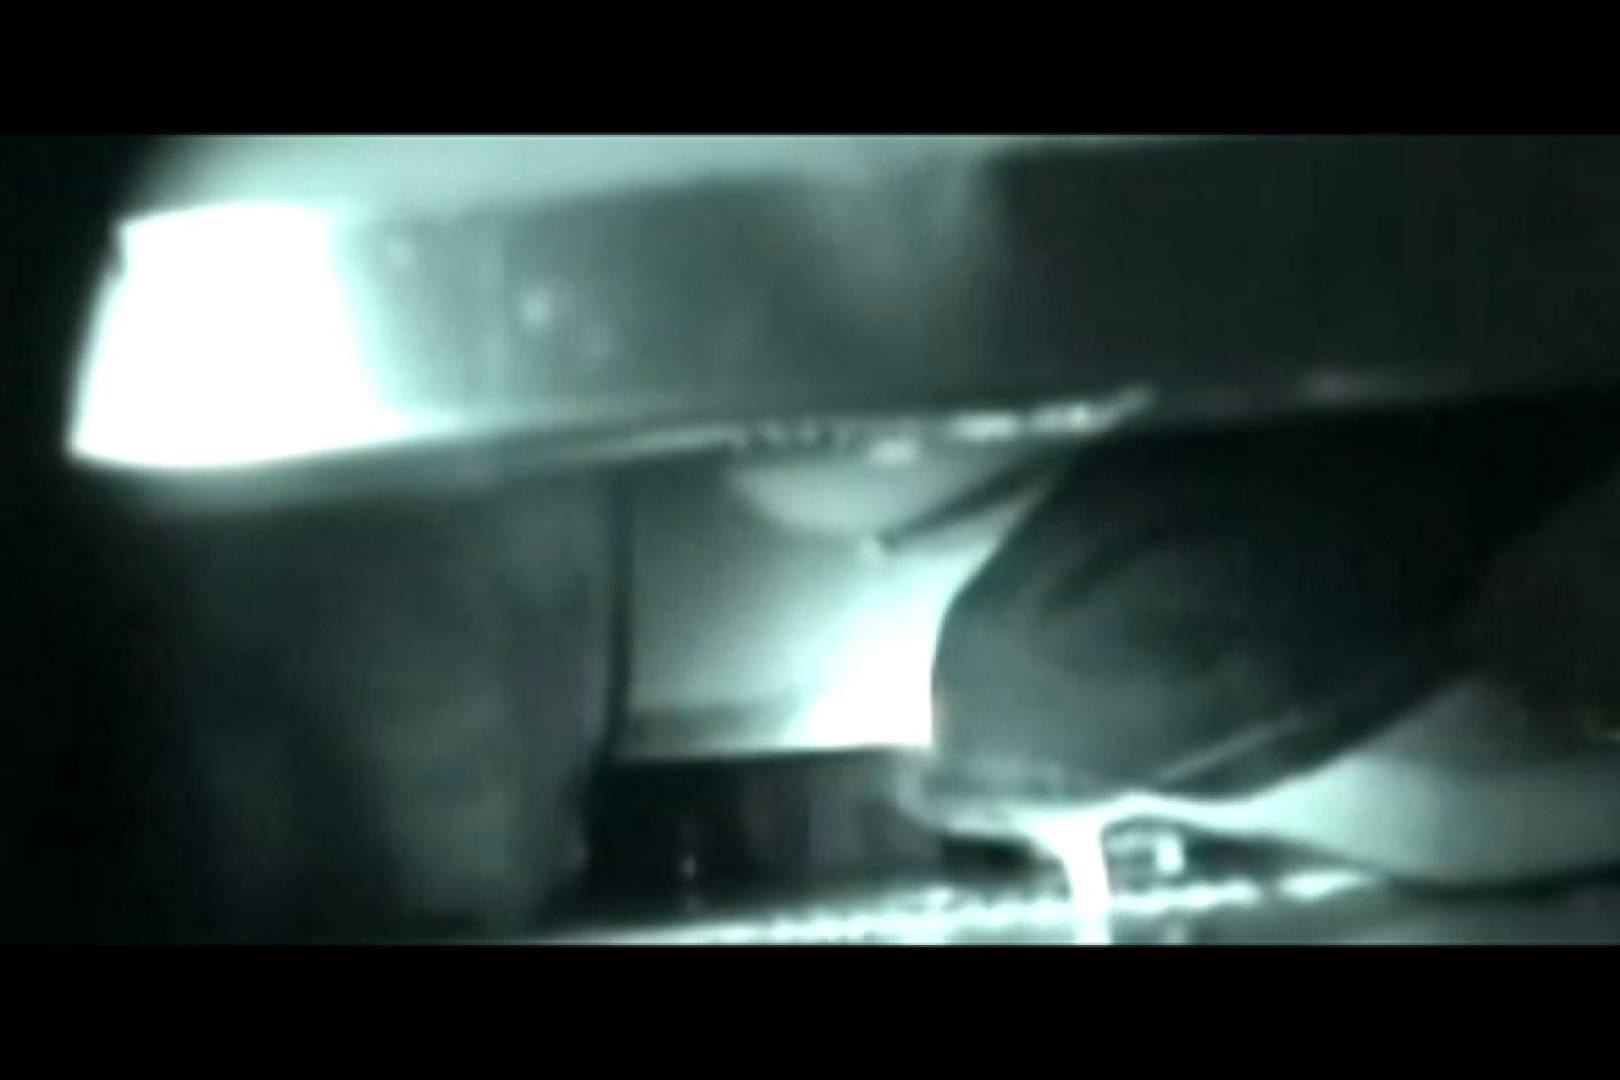 ぼっとん洗面所スペシャルVol.19 洗面所 | おまんこモロ出し  109pic 109